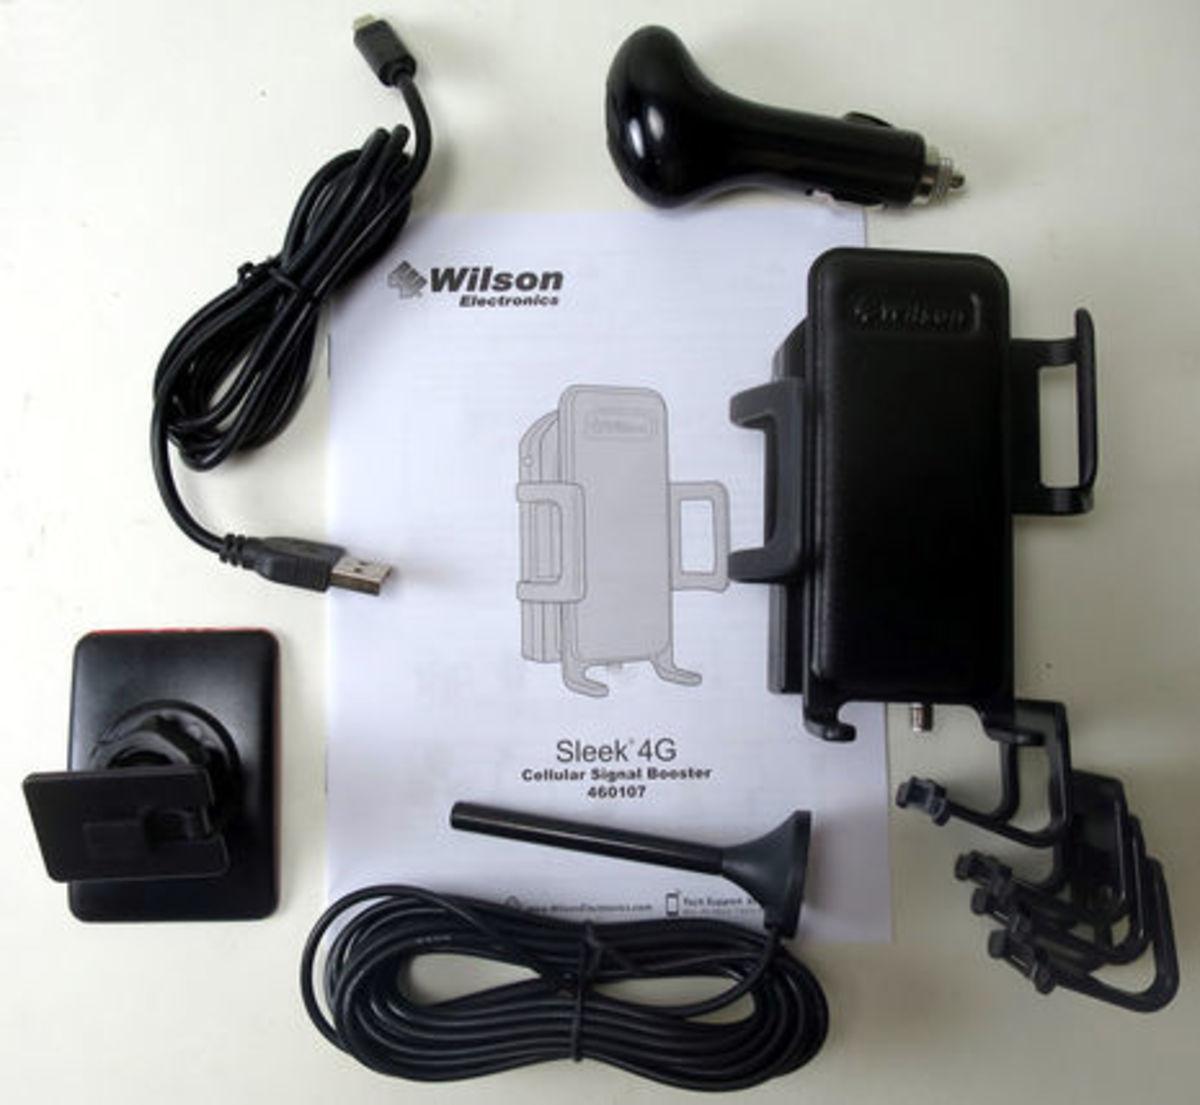 Wilson_Sleek_4G_460107_cell_booster_cPanbo.jpg